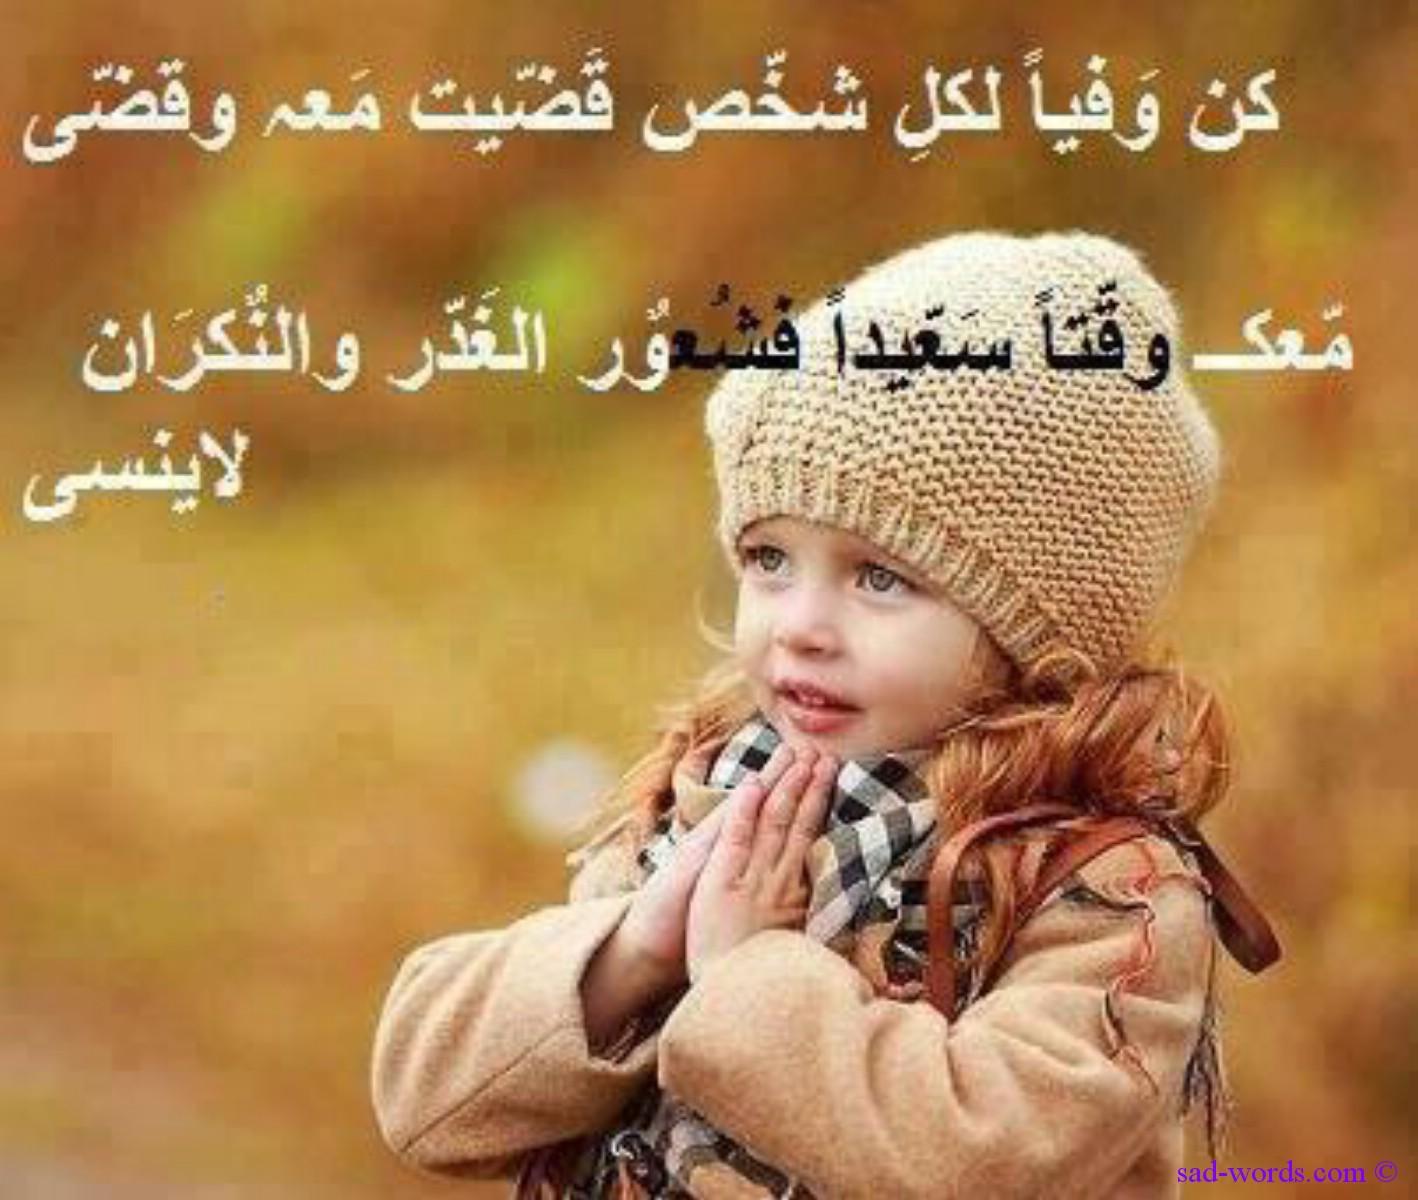 بالصور كلام جميل جدا عن الحياة , عبارات جميلة عن الحياه unnamed file 120